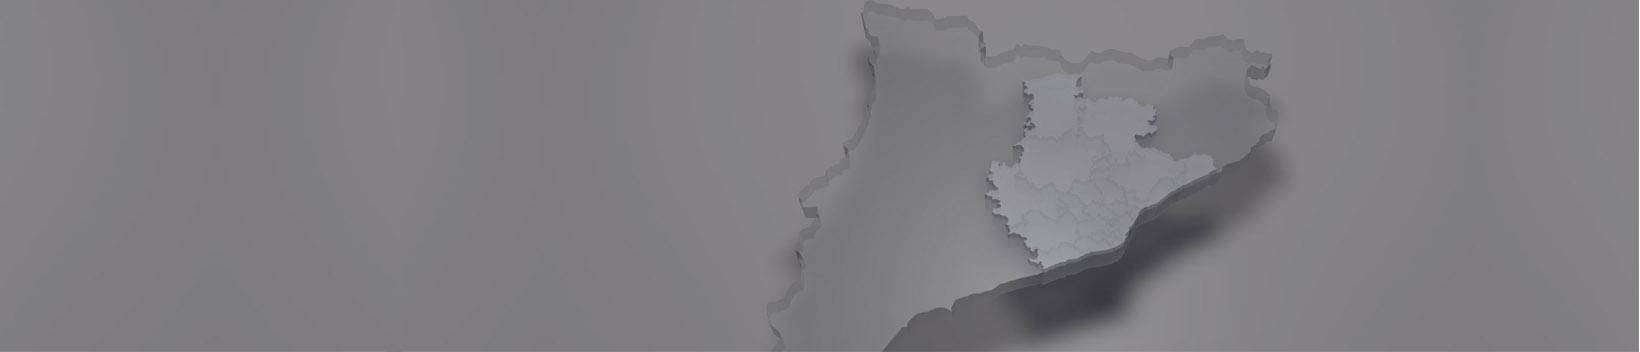 Imagen de cabecera para representar el cálculo de tasas judiciales de la web de Pradera González Procuradores